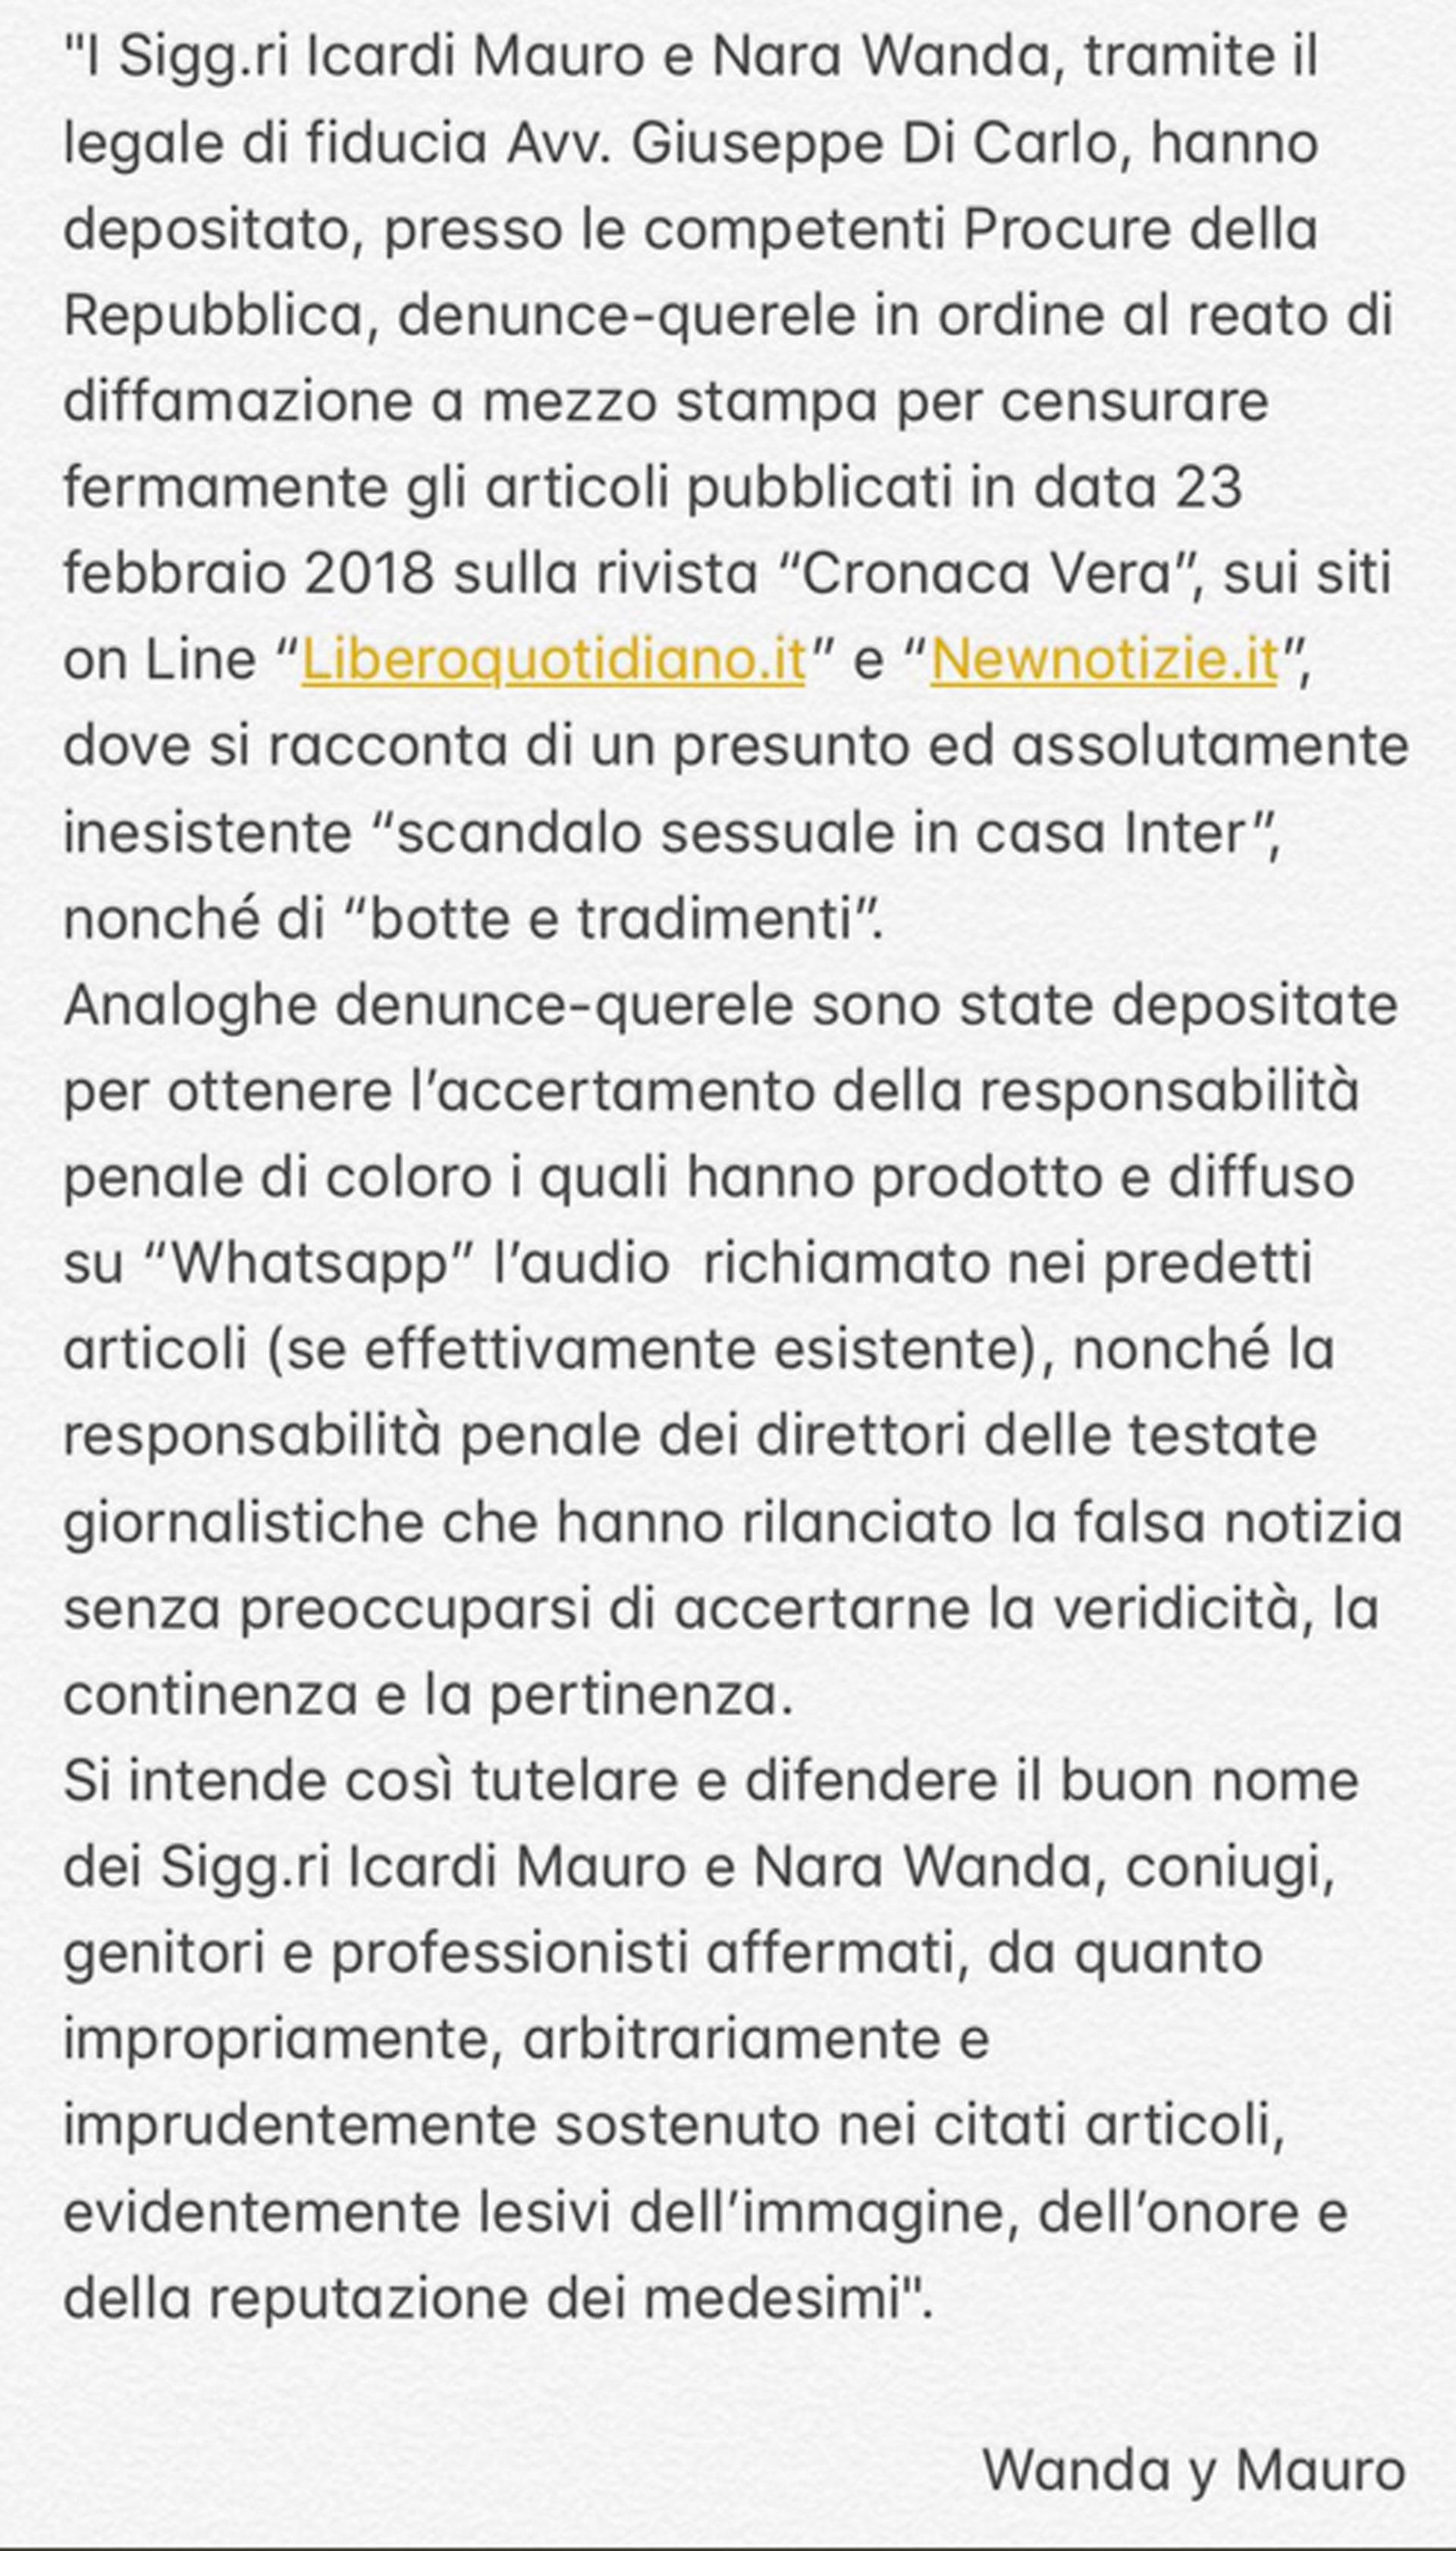 La esposa de Mauro Icardi detalló las acciones legales que ralizará.